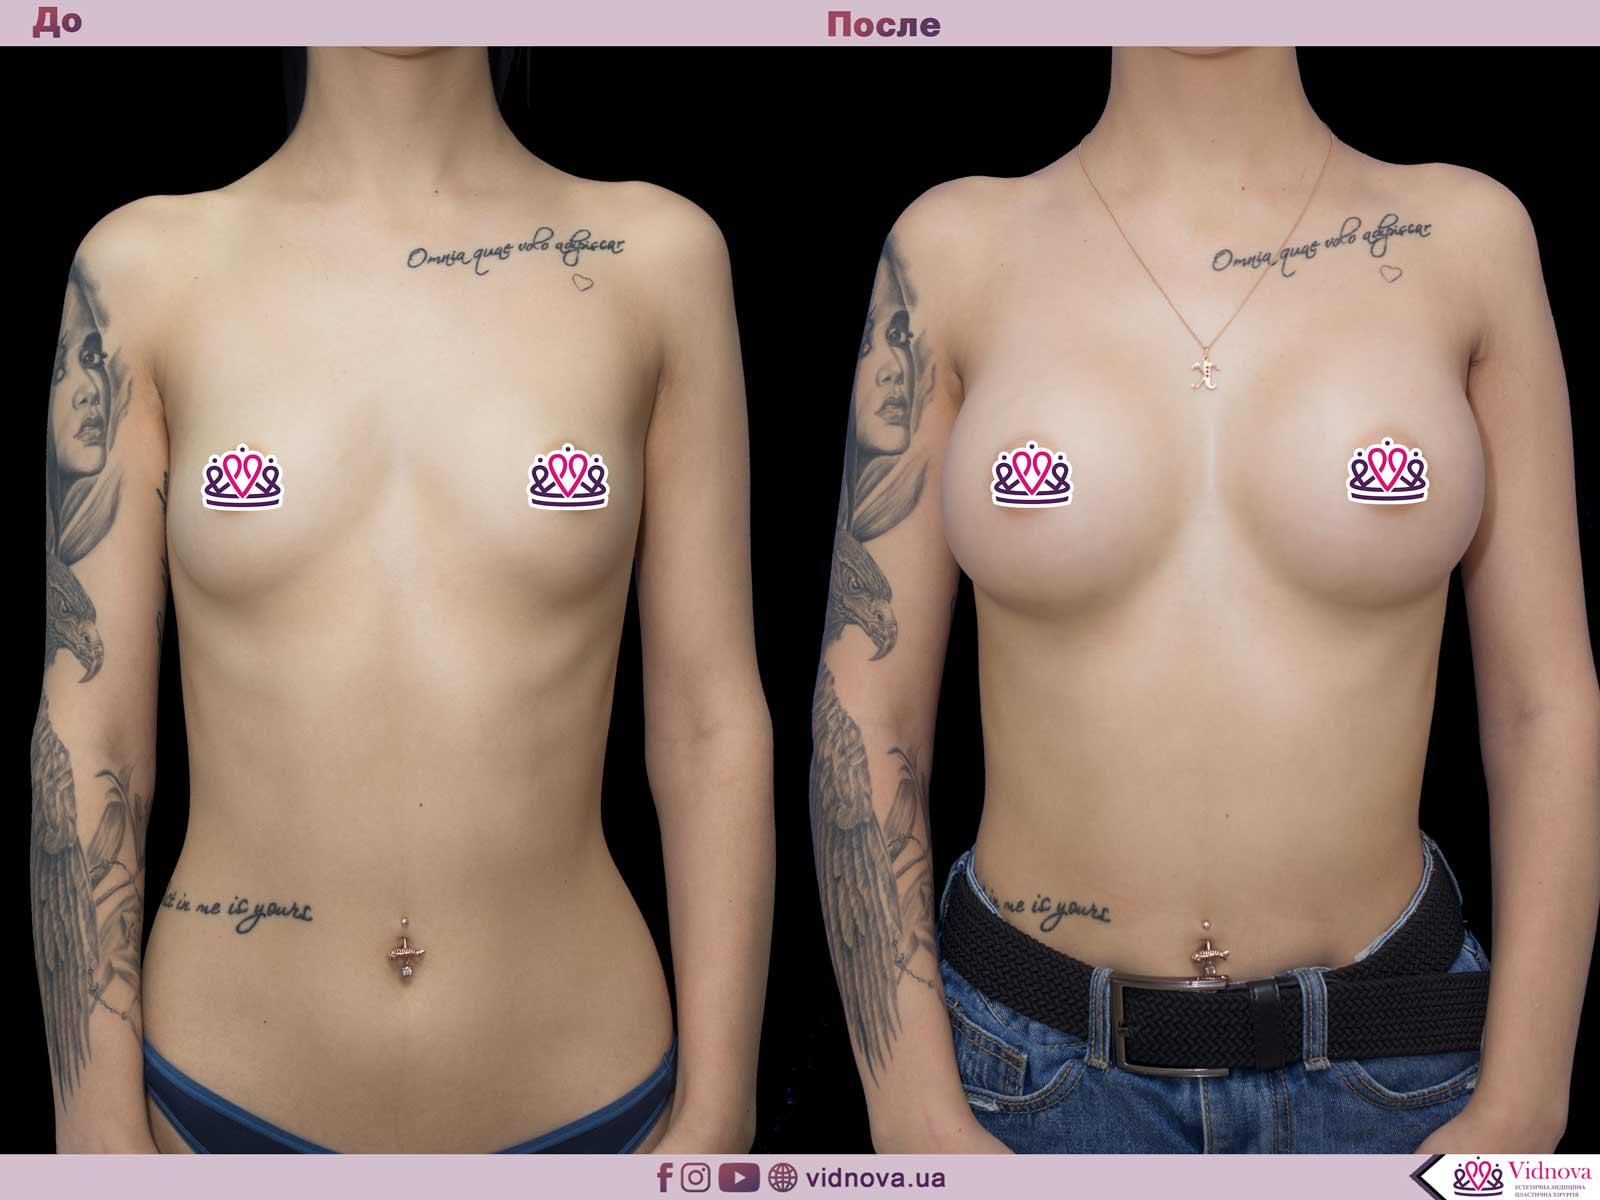 Пластика груди: результаты до и после - Пример №46-0 - Светлана Работенко